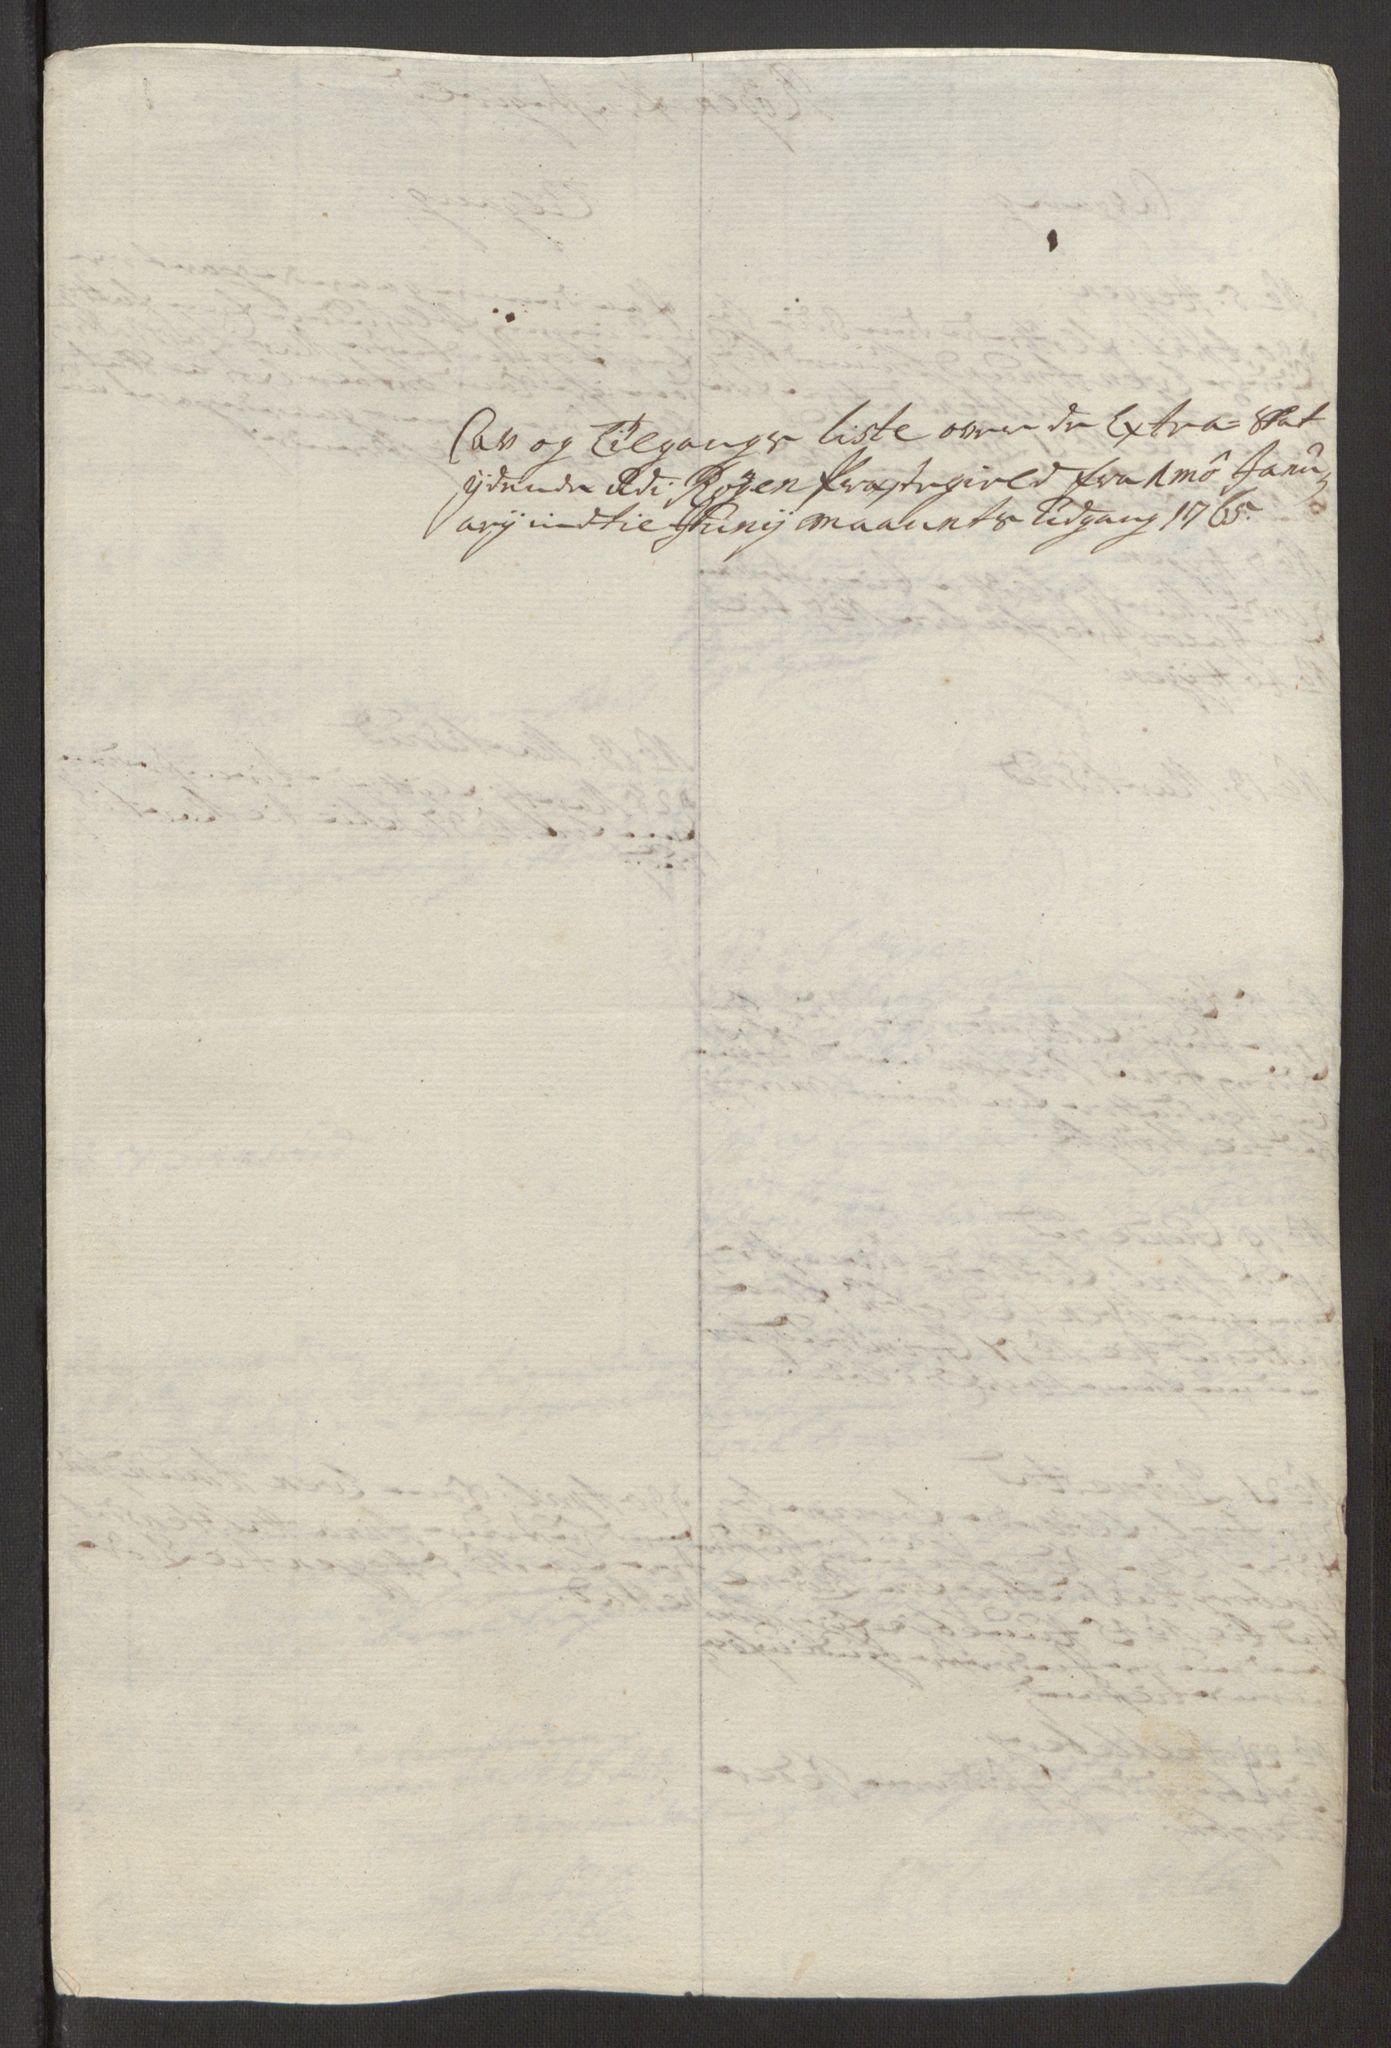 RA, Rentekammeret inntil 1814, Reviderte regnskaper, Fogderegnskap, R31/L1834: Ekstraskatten Hurum, Røyken, Eiker, Lier og Buskerud, 1765, s. 408